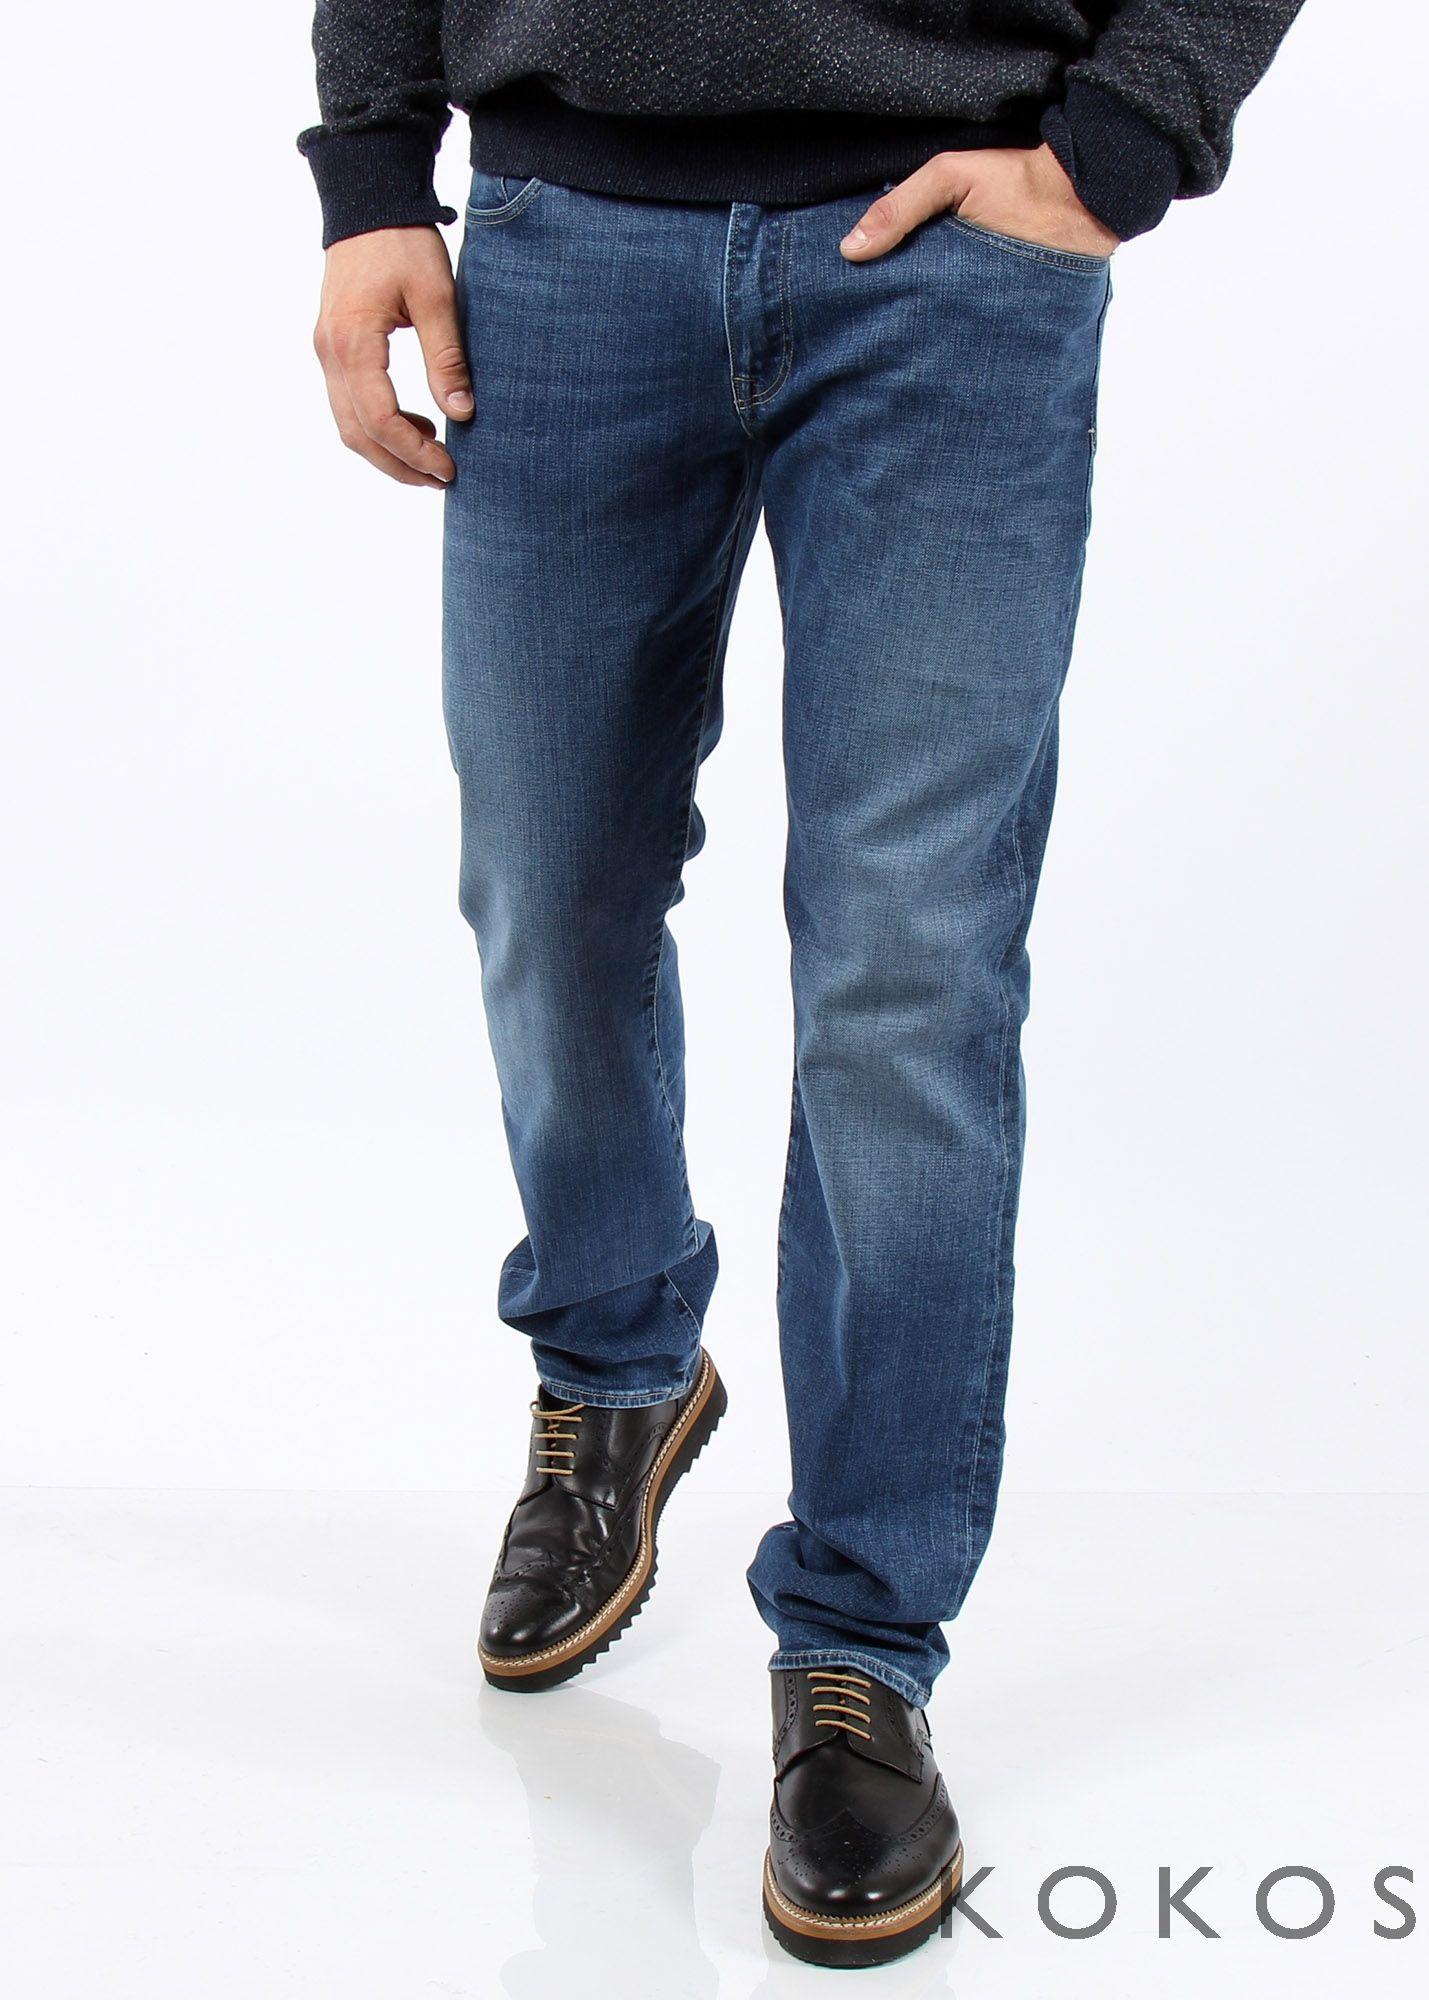 Estéril Variante pico  Abbondanza Produttivo contatto jeans geox - settimanaciclisticalombarda.it